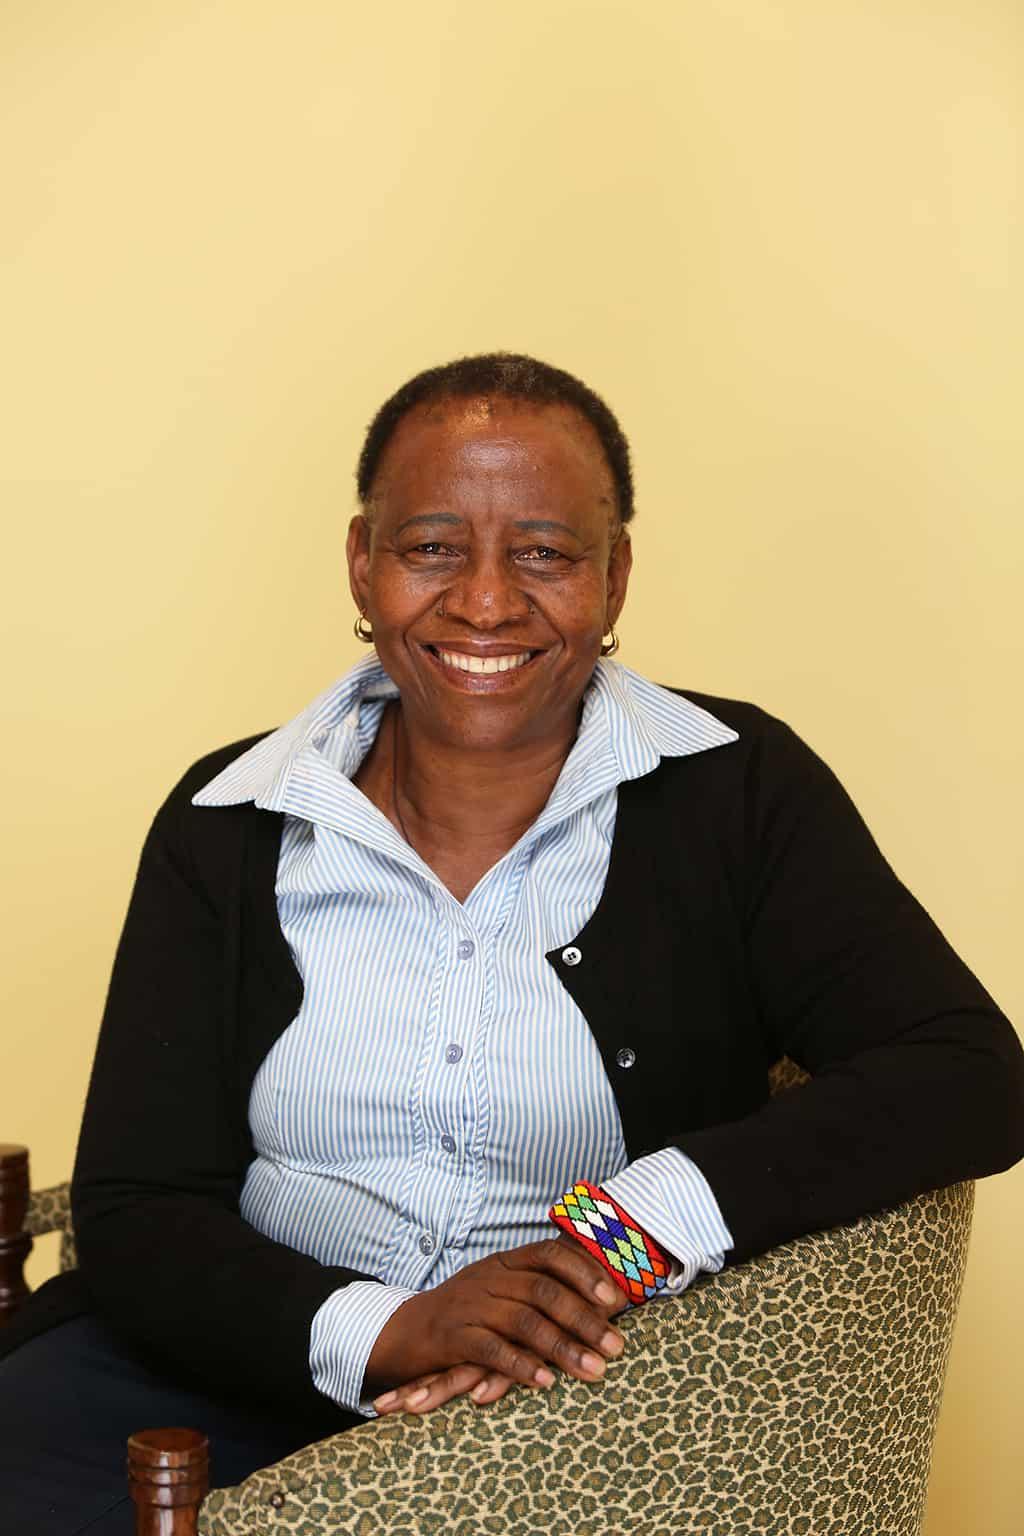 Likhapha Mbatha